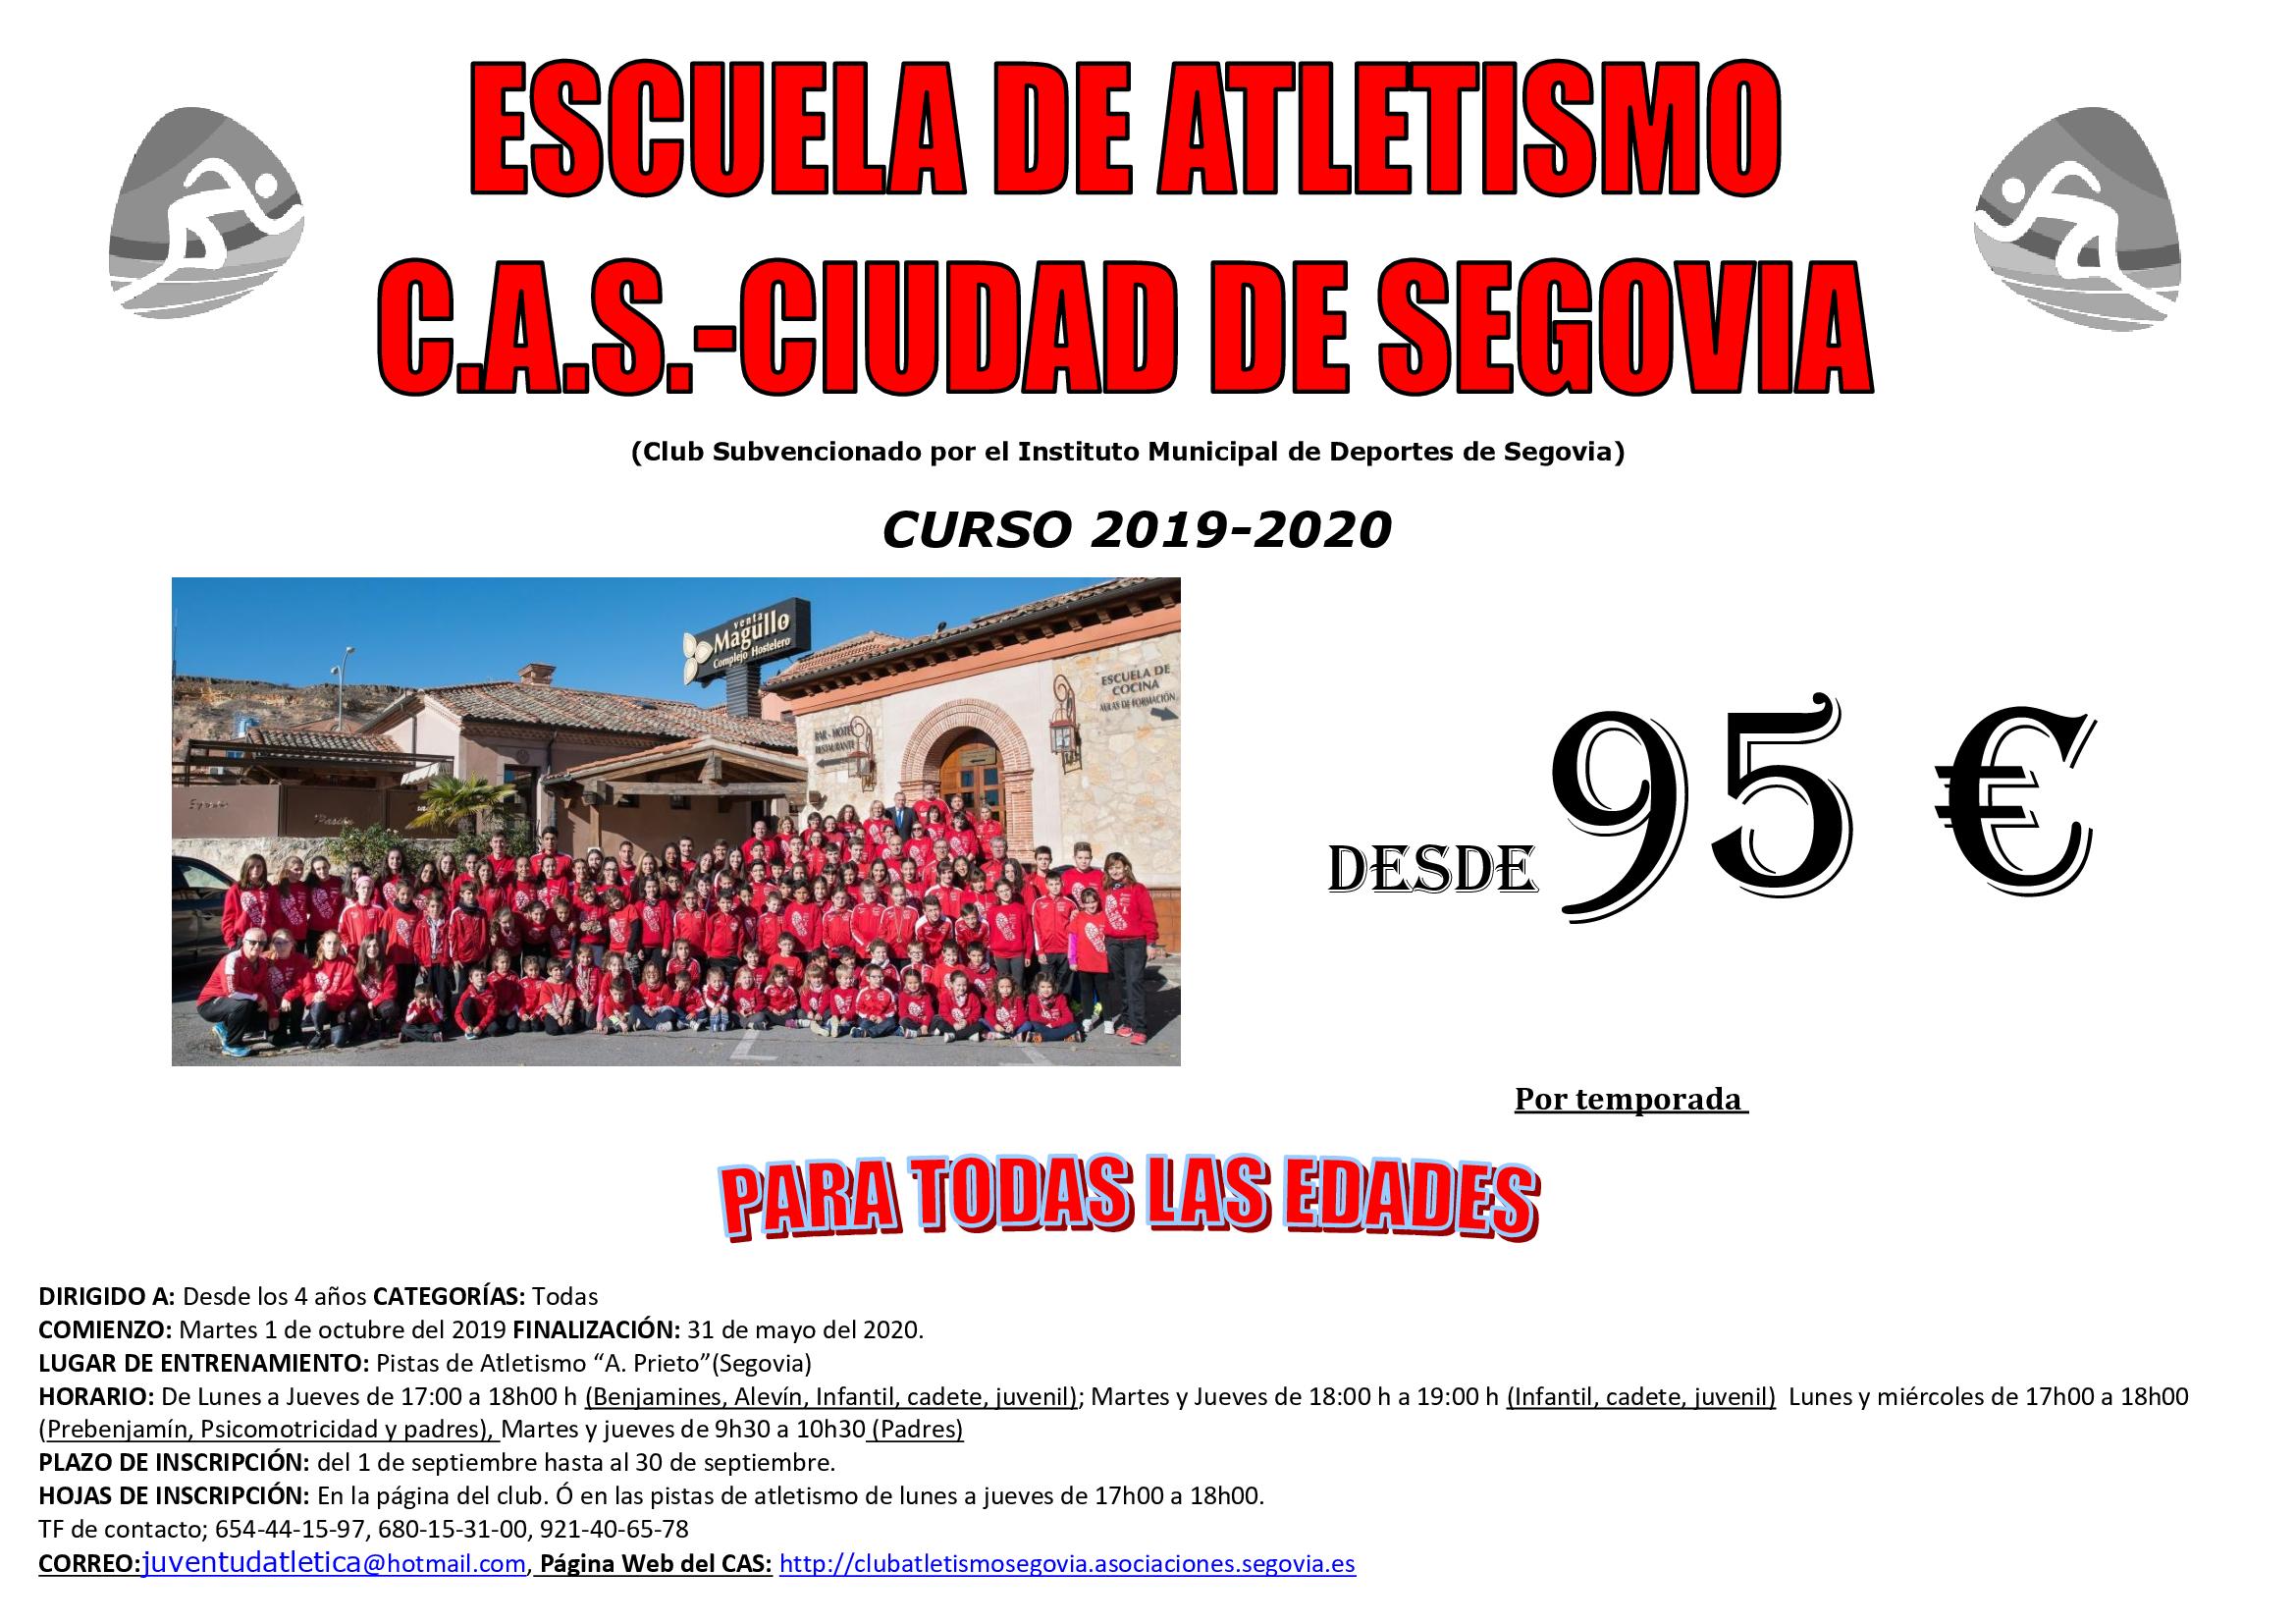 Escuela de Atletismo del CAS-Ciudad de Segovia